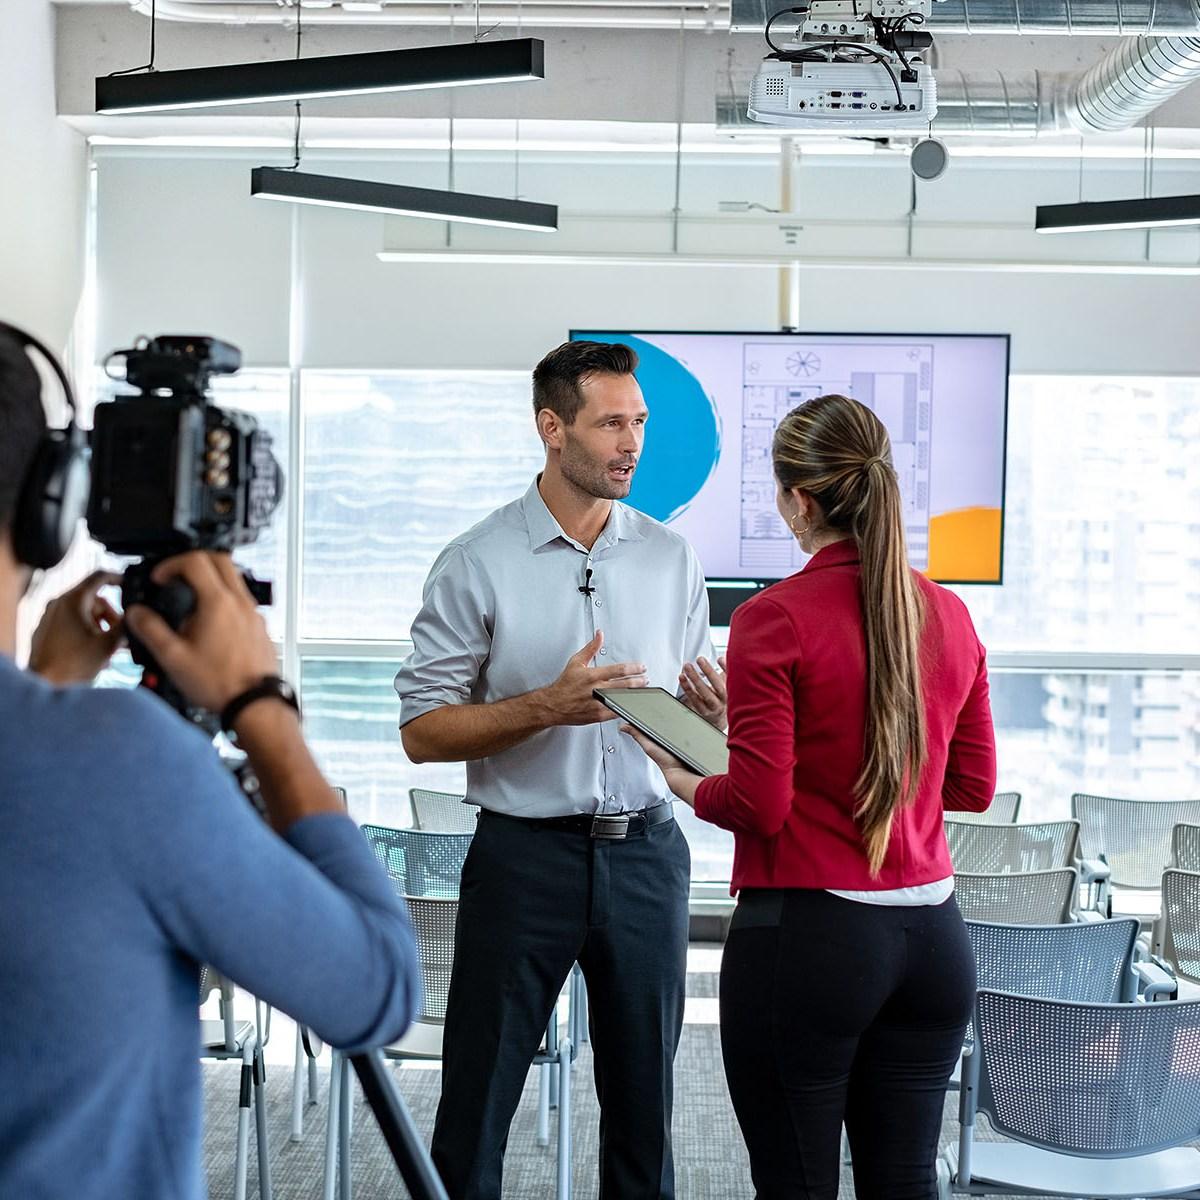 Overshoulder eines Interviews, Dreh einer Videobotschaft. Ein Kameramann in einem blauen Pullover filmt zwei Personen, die ein Interview in einem Loft führen.